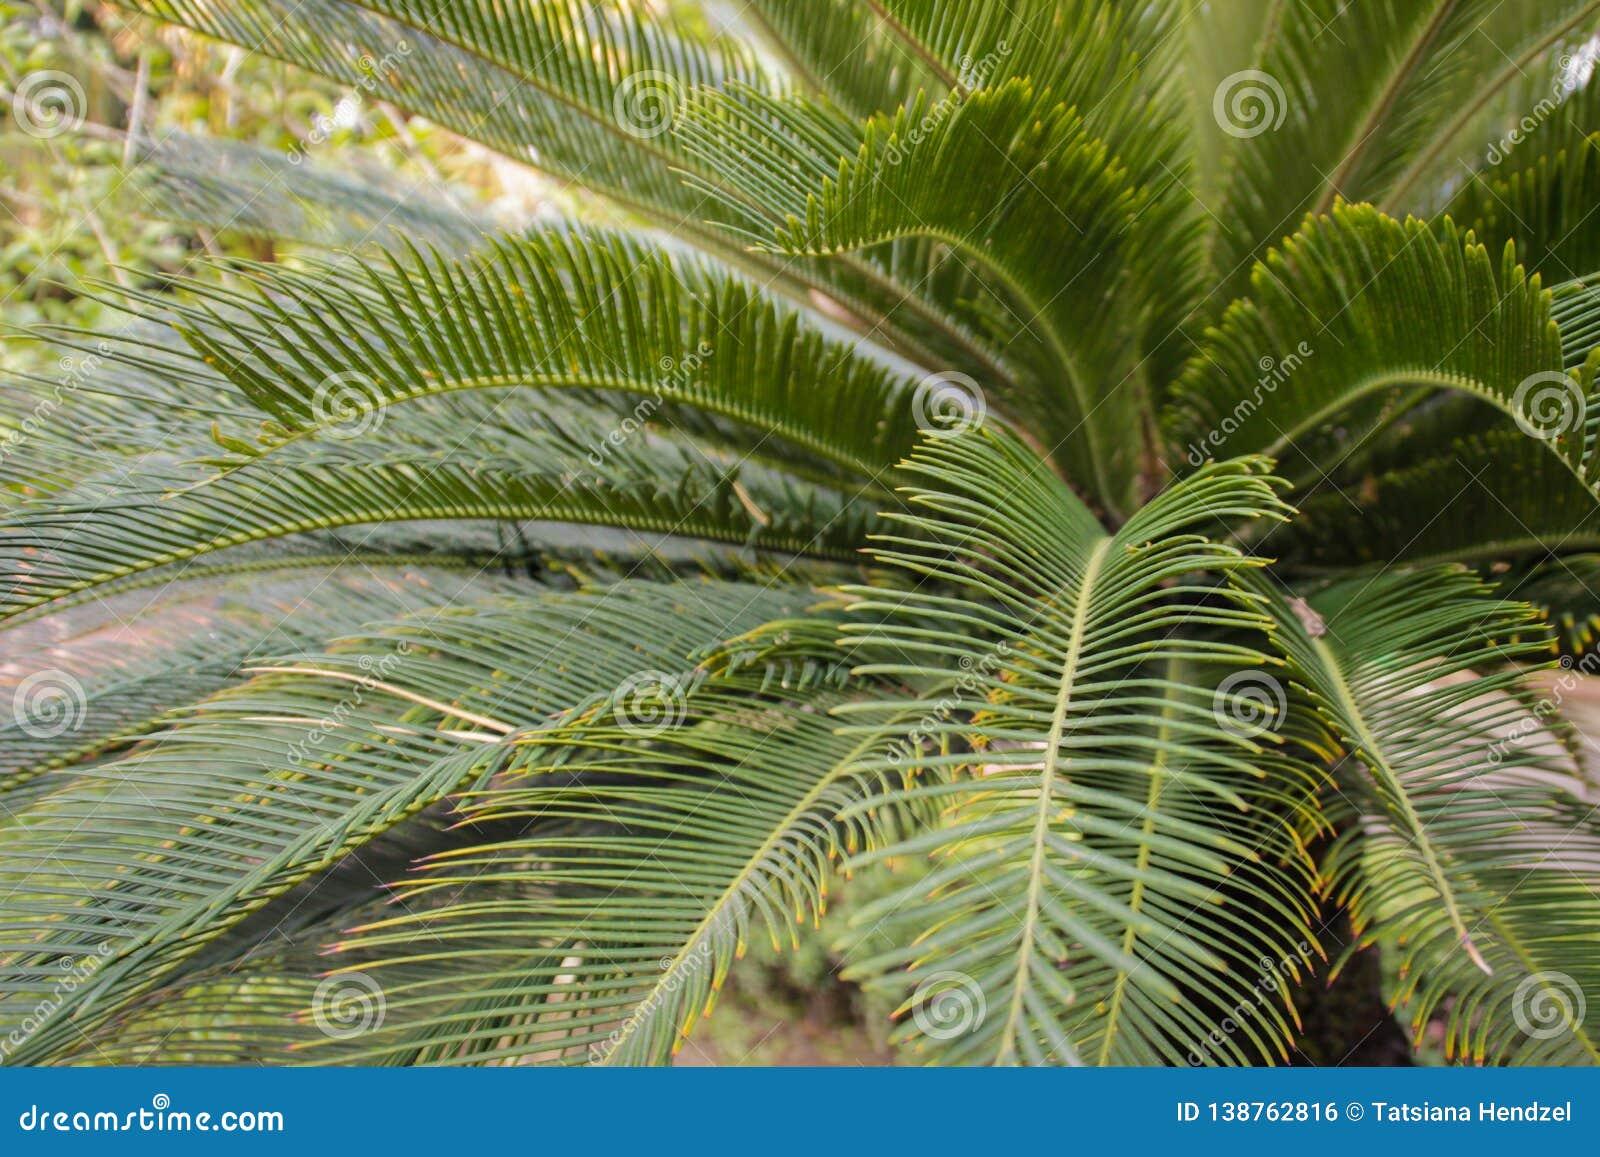 Φυσικό υπόβαθρο: όμορφα φύλλα του τροπικού φοίνικα